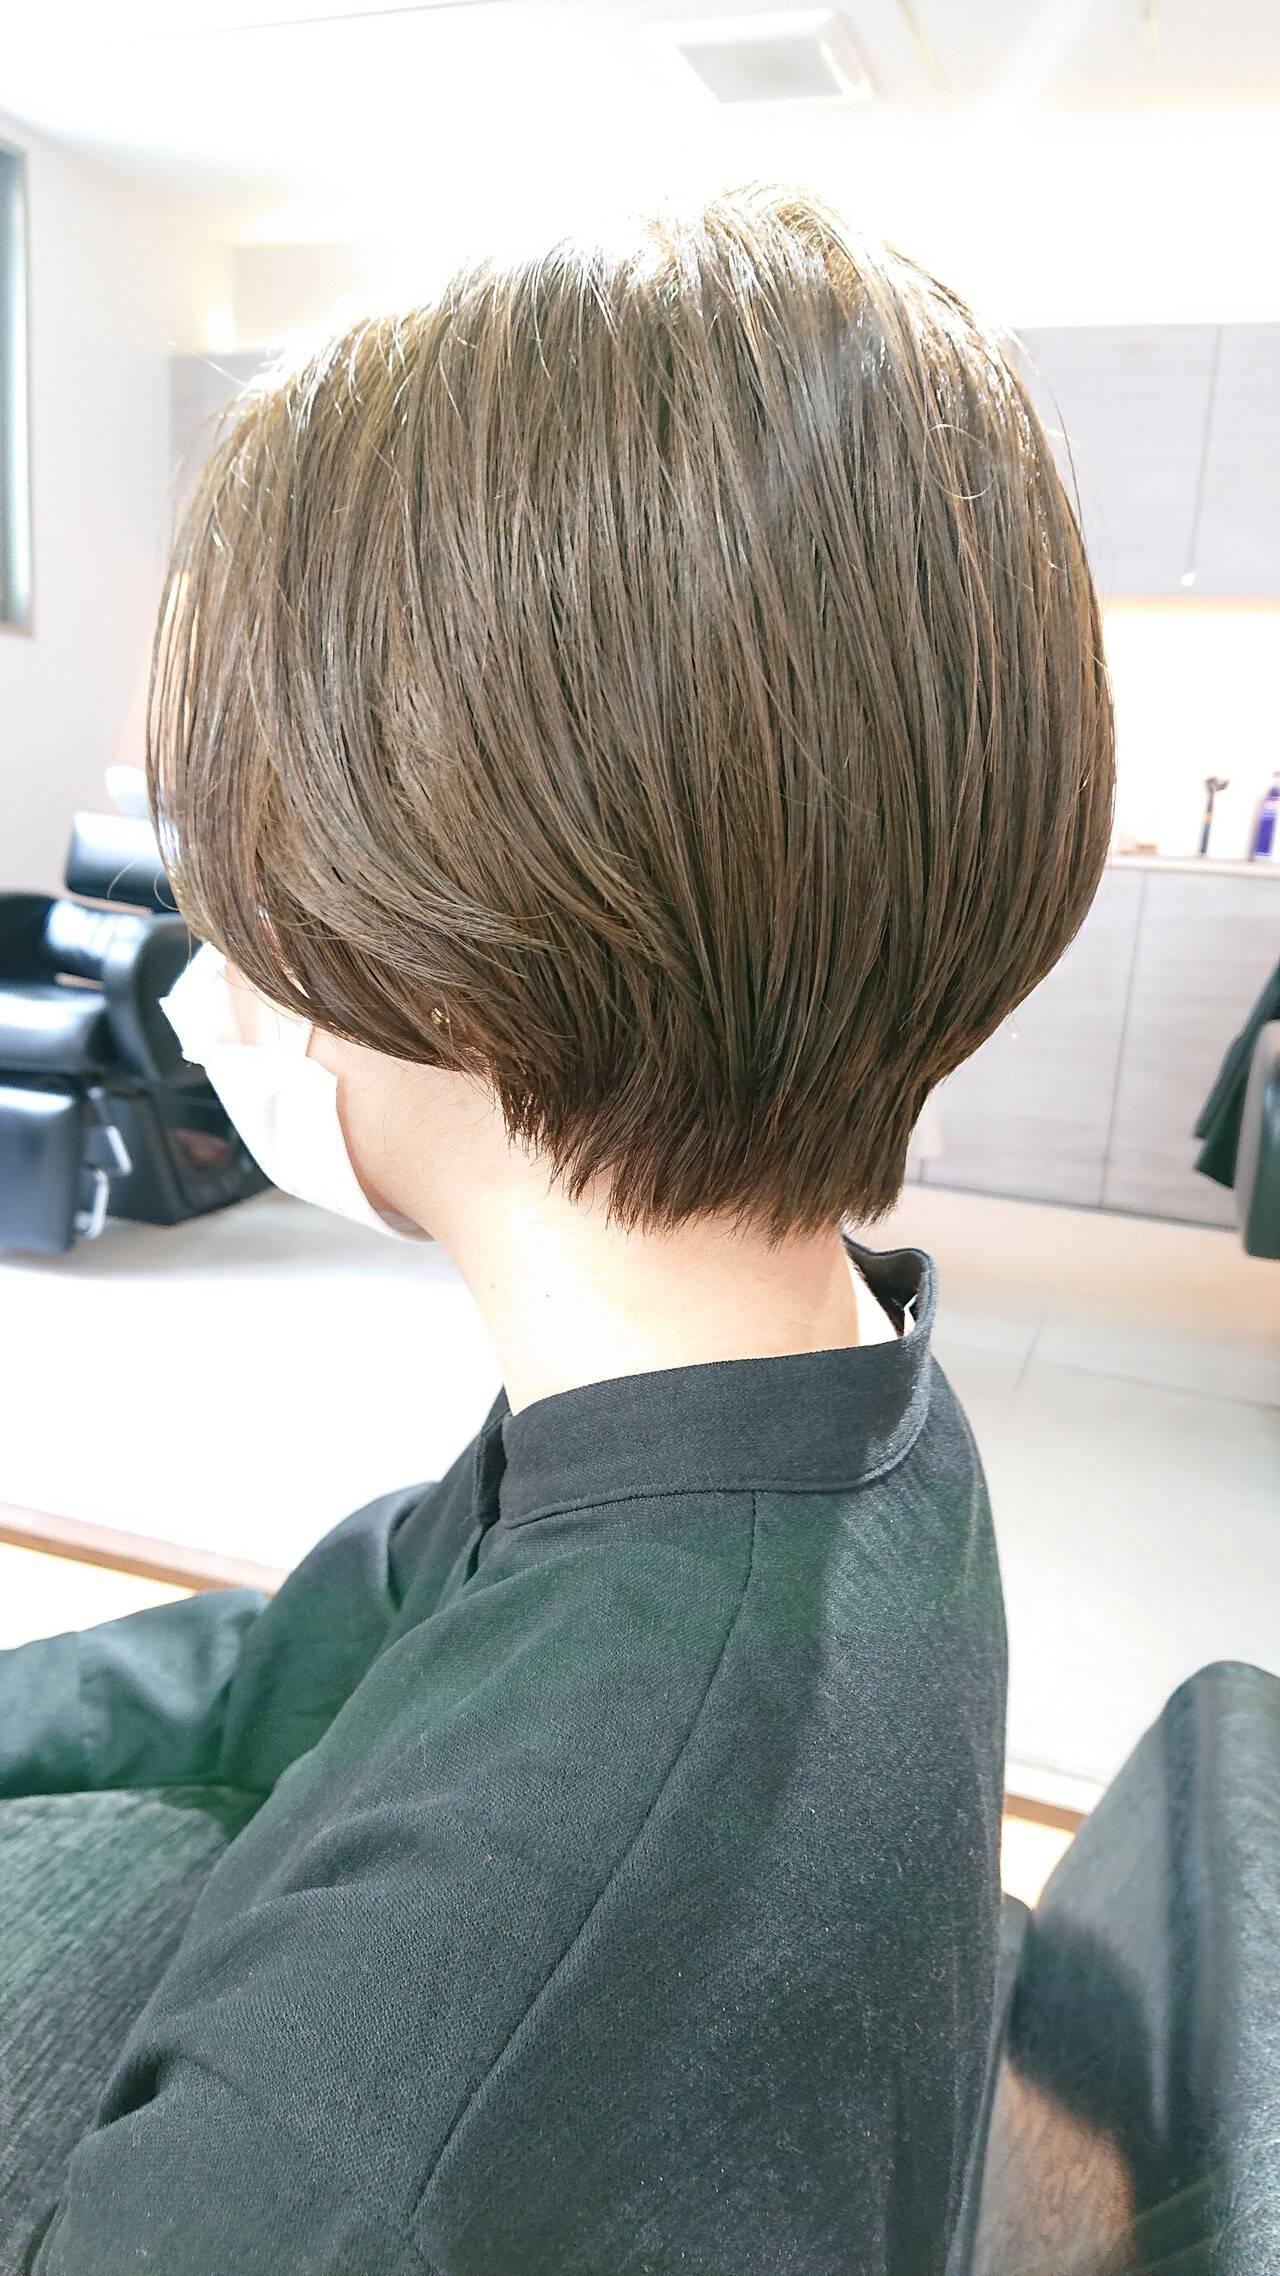 ナチュラル ショート 簡単スタイリング 美シルエットヘアスタイルや髪型の写真・画像